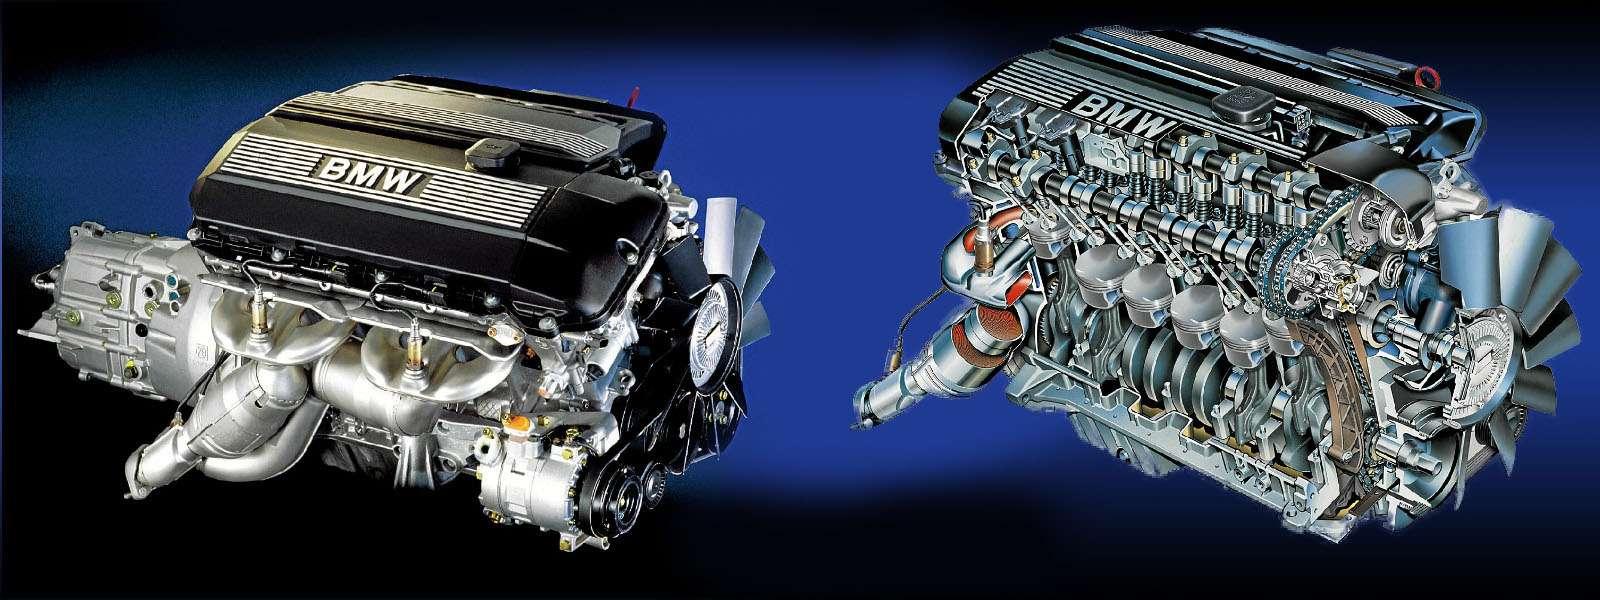 Вторичный рынок: изучаем слабые места BMW 5-й серии— фото 600206